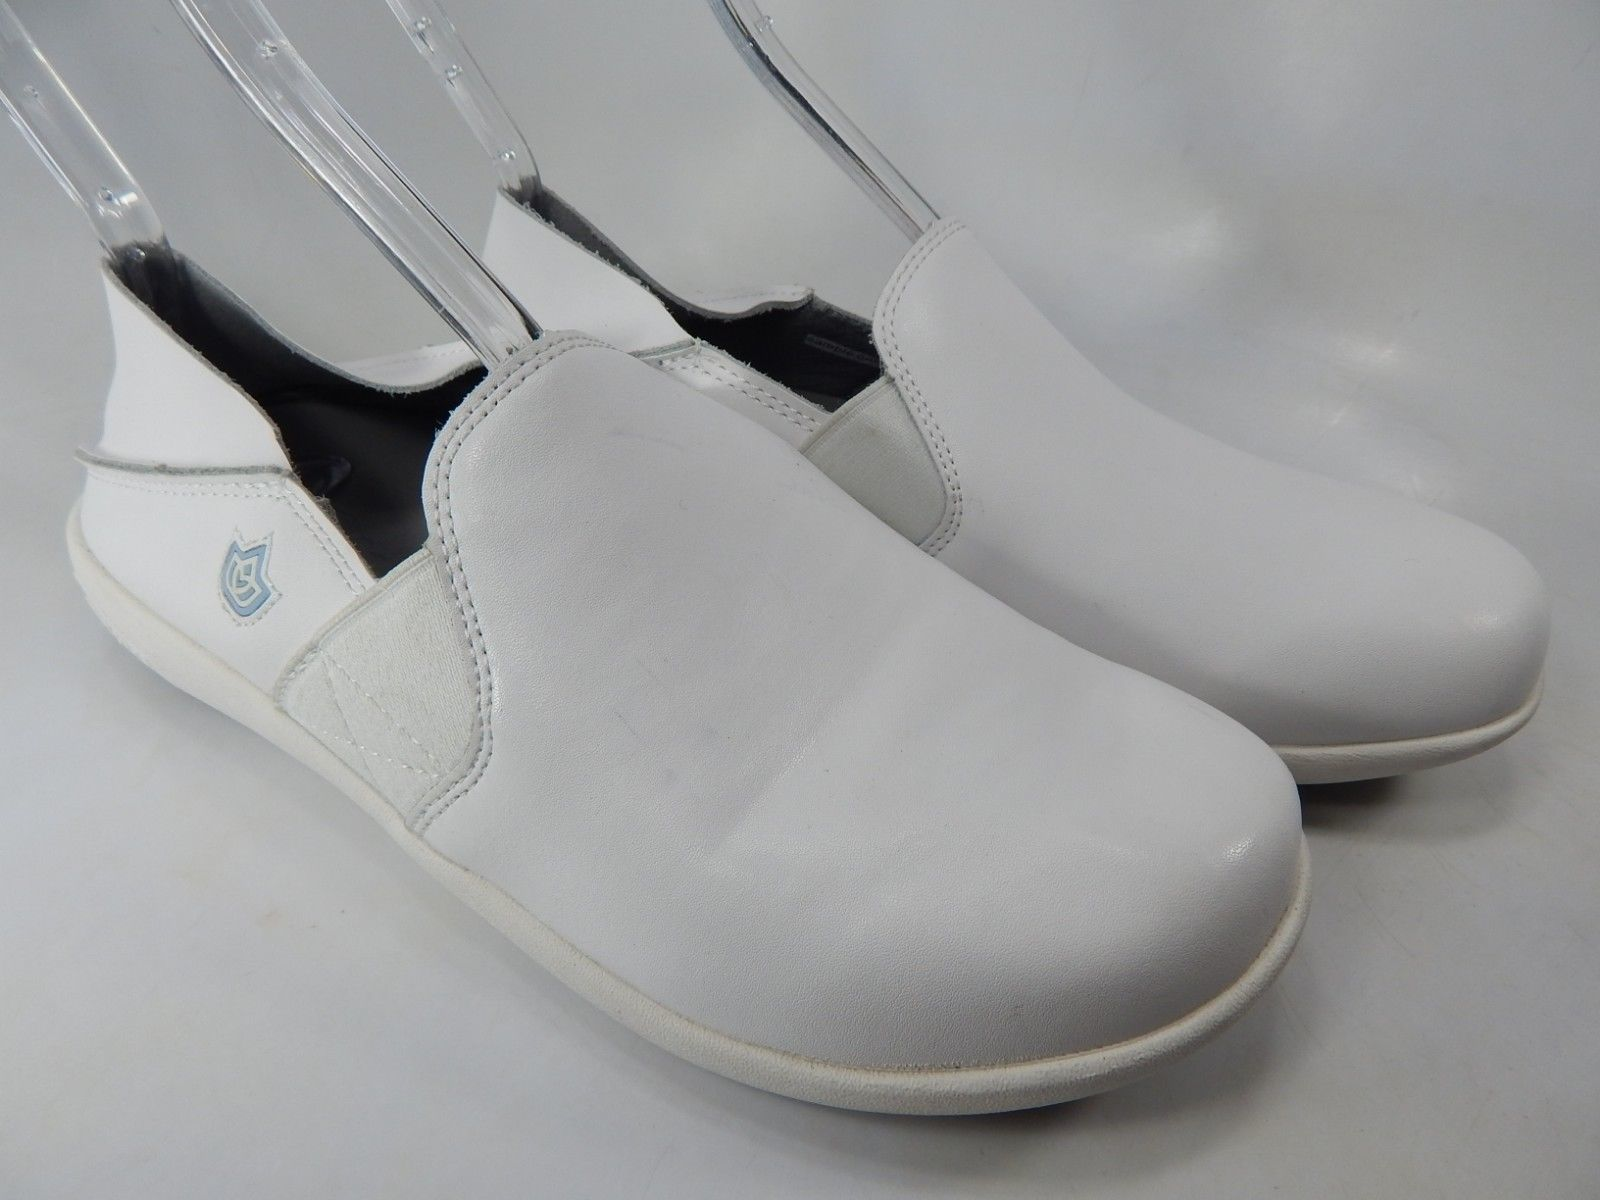 Spenco Quincy MD Conv Size US 9 M (D) EU 42.5 Men's Professional Slip On Shoes